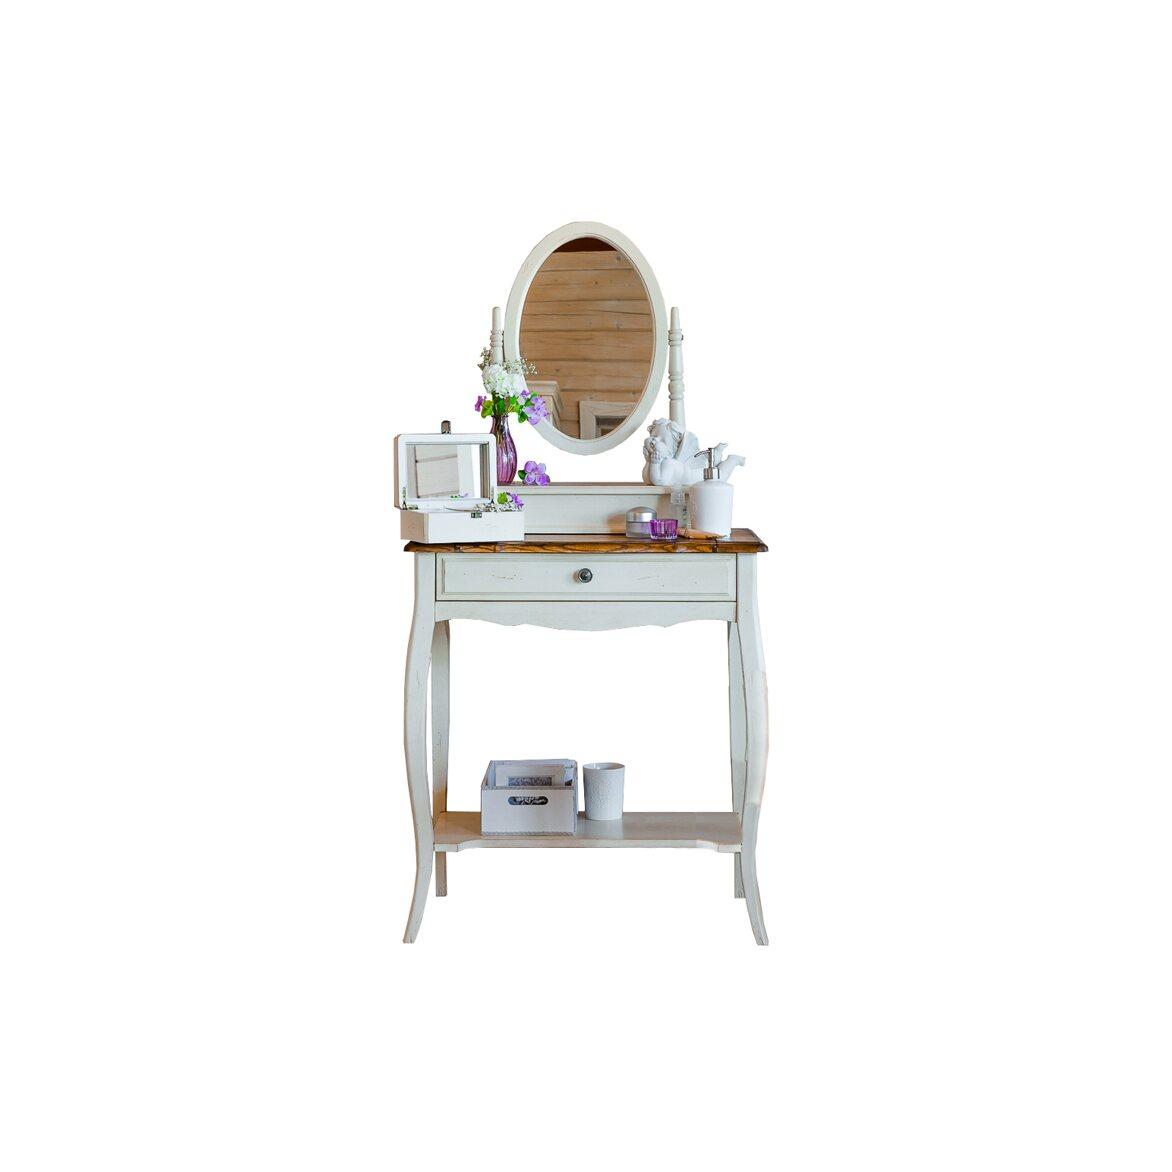 Туалетный столик с овальным зеркалом Leontina, бежевого цвета   Туалетные столики Kingsby